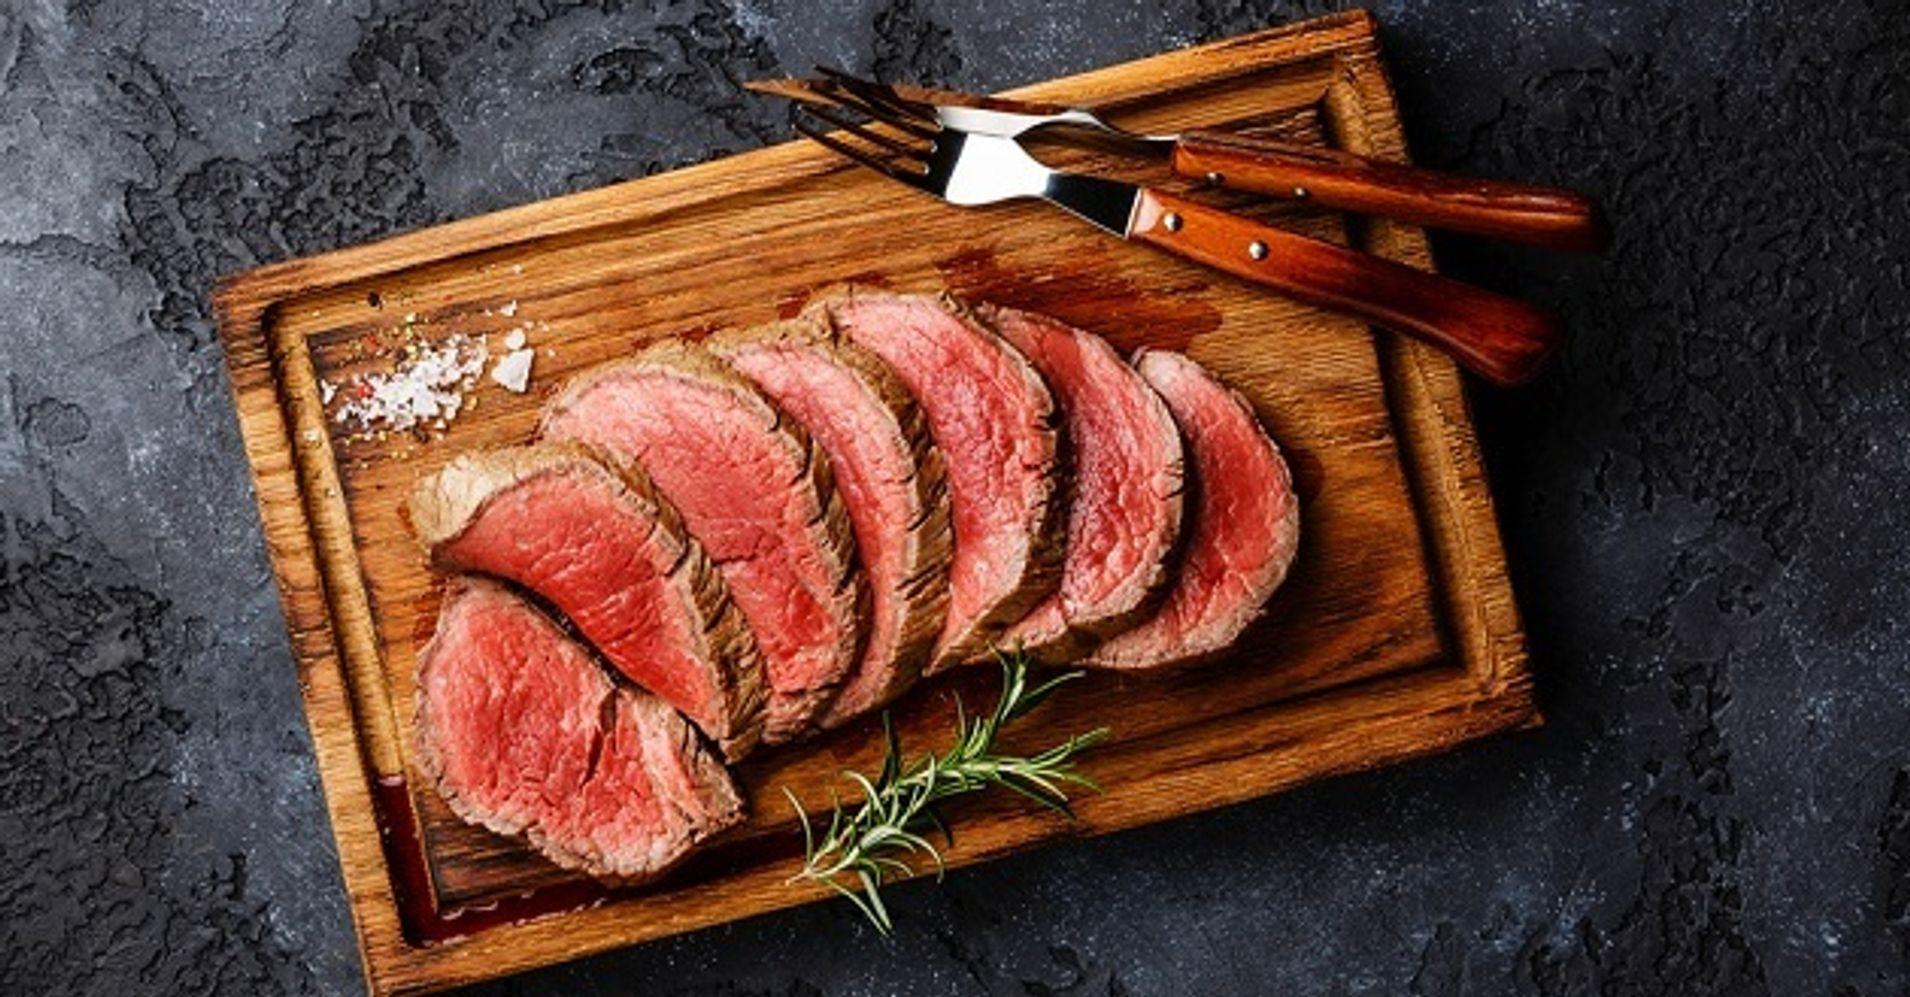 Salt Crusted Beef Tenderloin The Best Whole Beef Tenderloin Recipe Huffpost